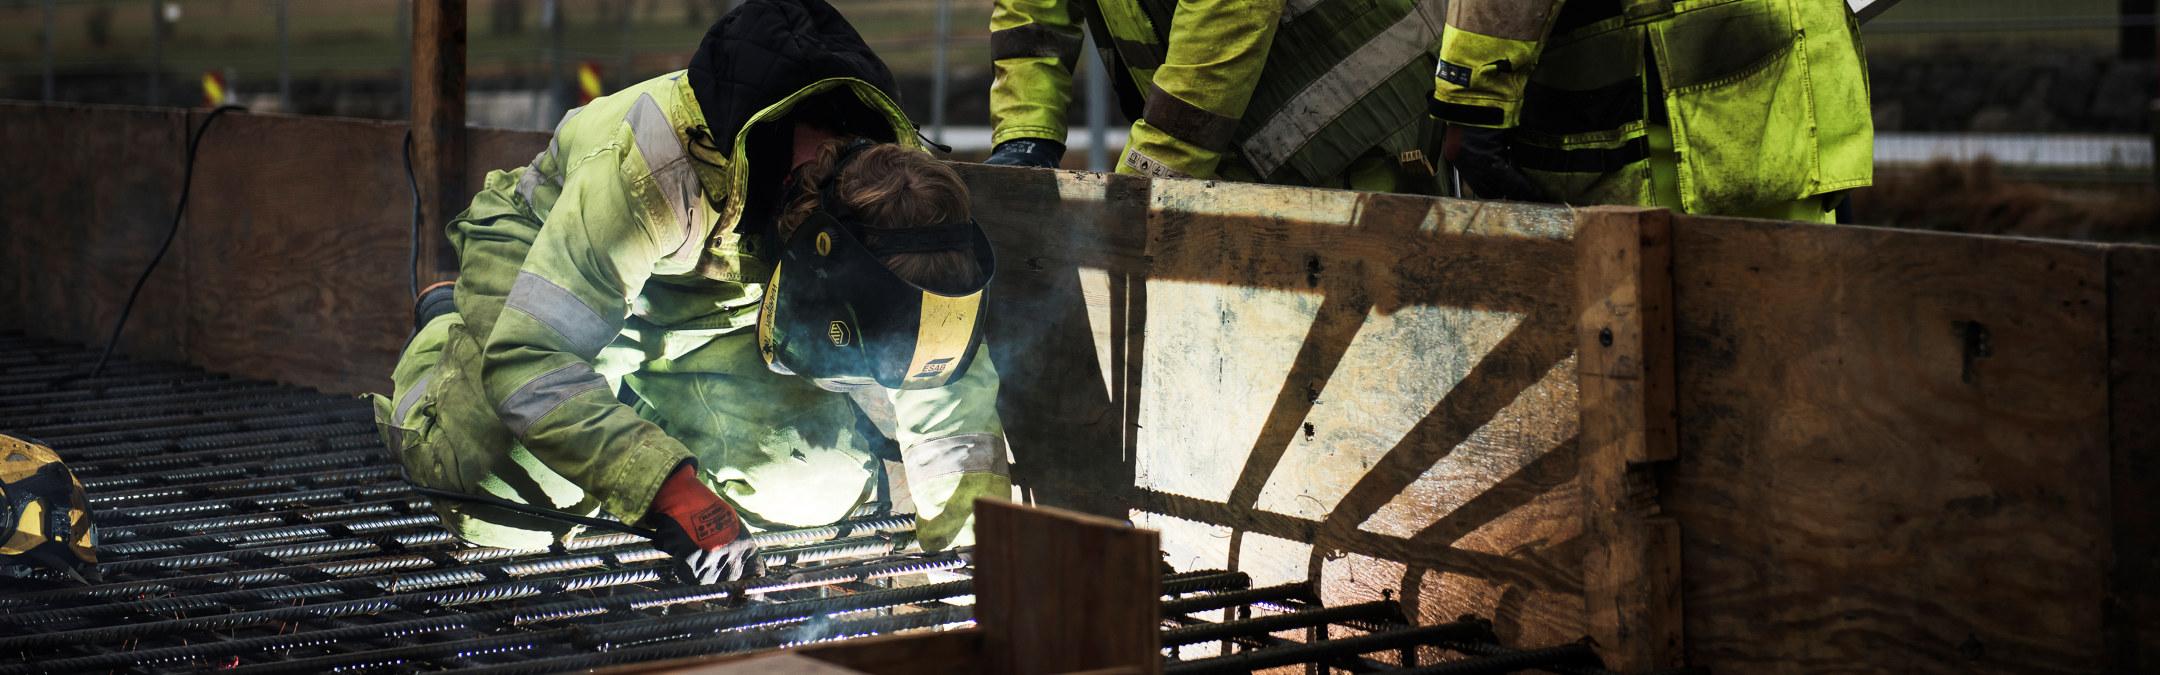 Opstad bygging sept 2019 Bygging av Opstad transformatorstasjon sør for Nærbø. Jærentreprenør er ansvarlig for byggearbeidet.     Foto: Ingvild Ween